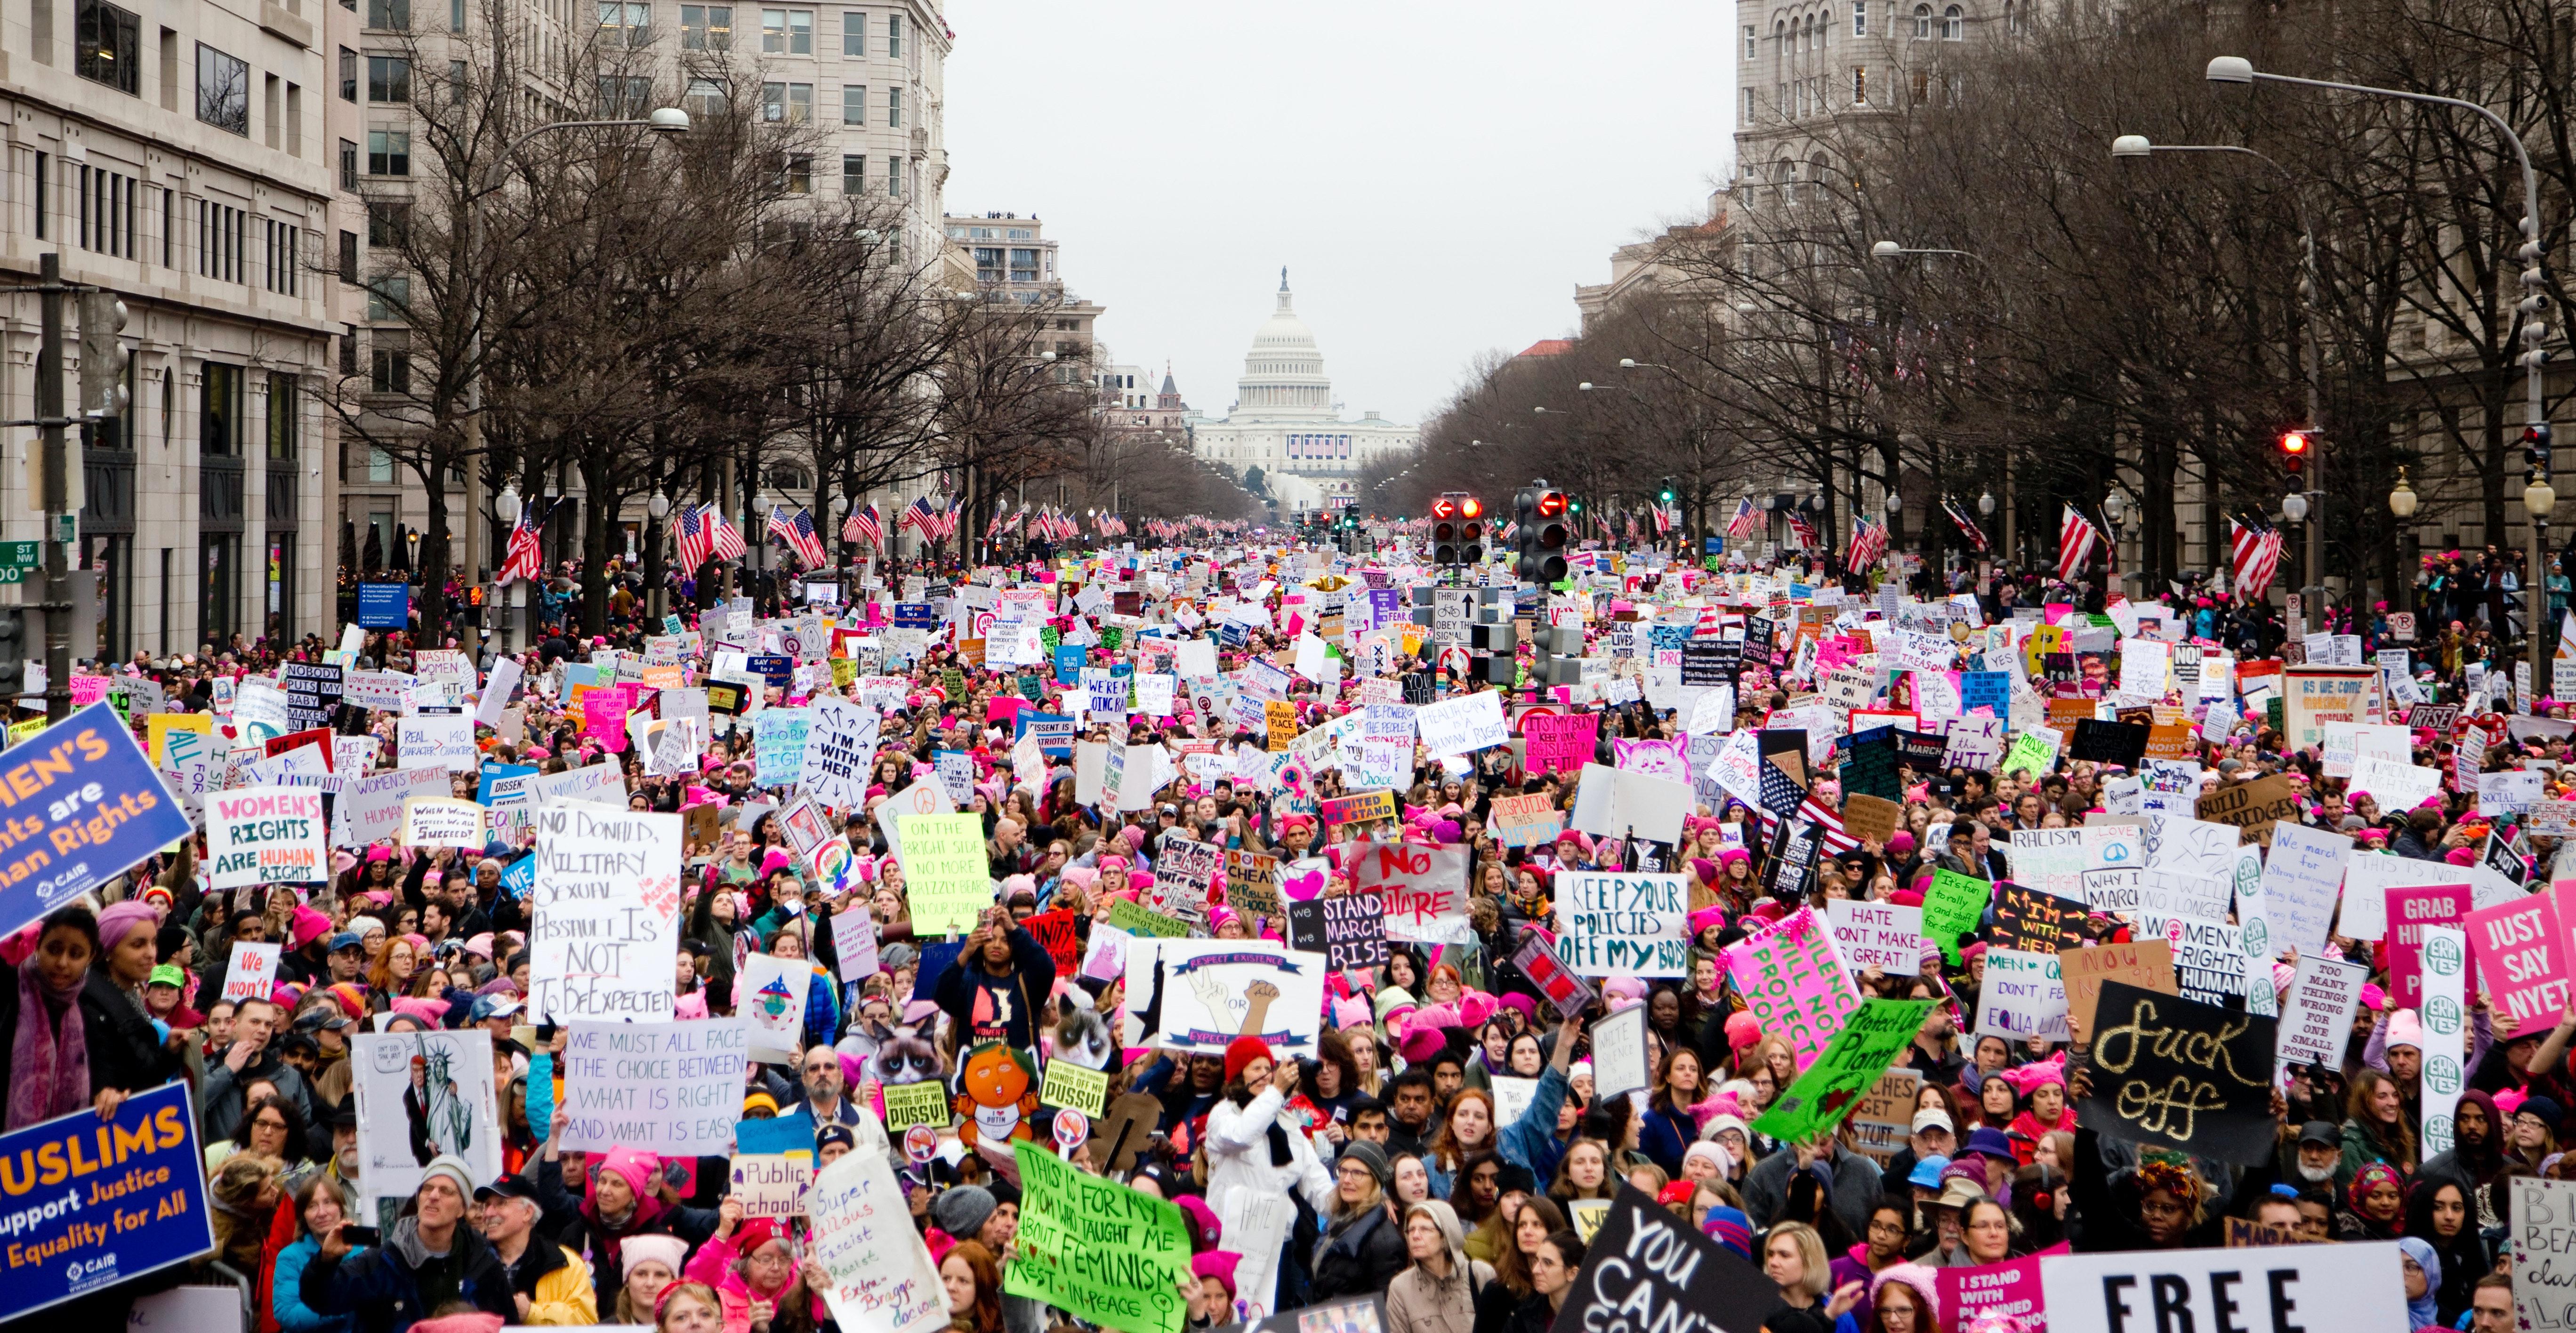 Am 8. März haben die Frauen das Sagen (und sonst ja eigentlich auch immer)